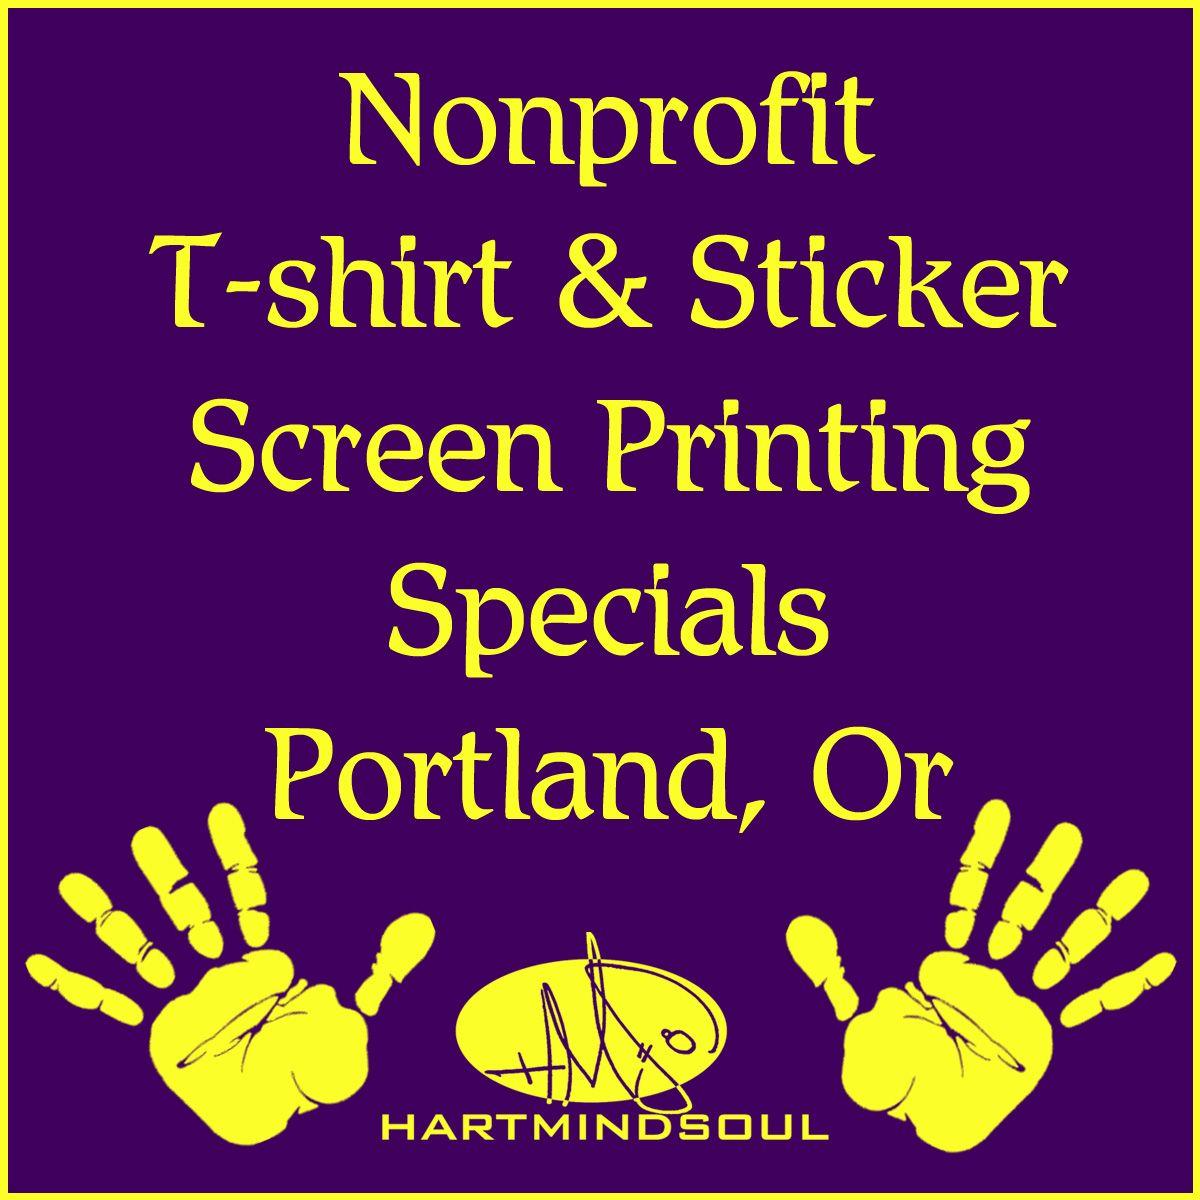 Nonprofit t shirt printing specials discounts portland oregon